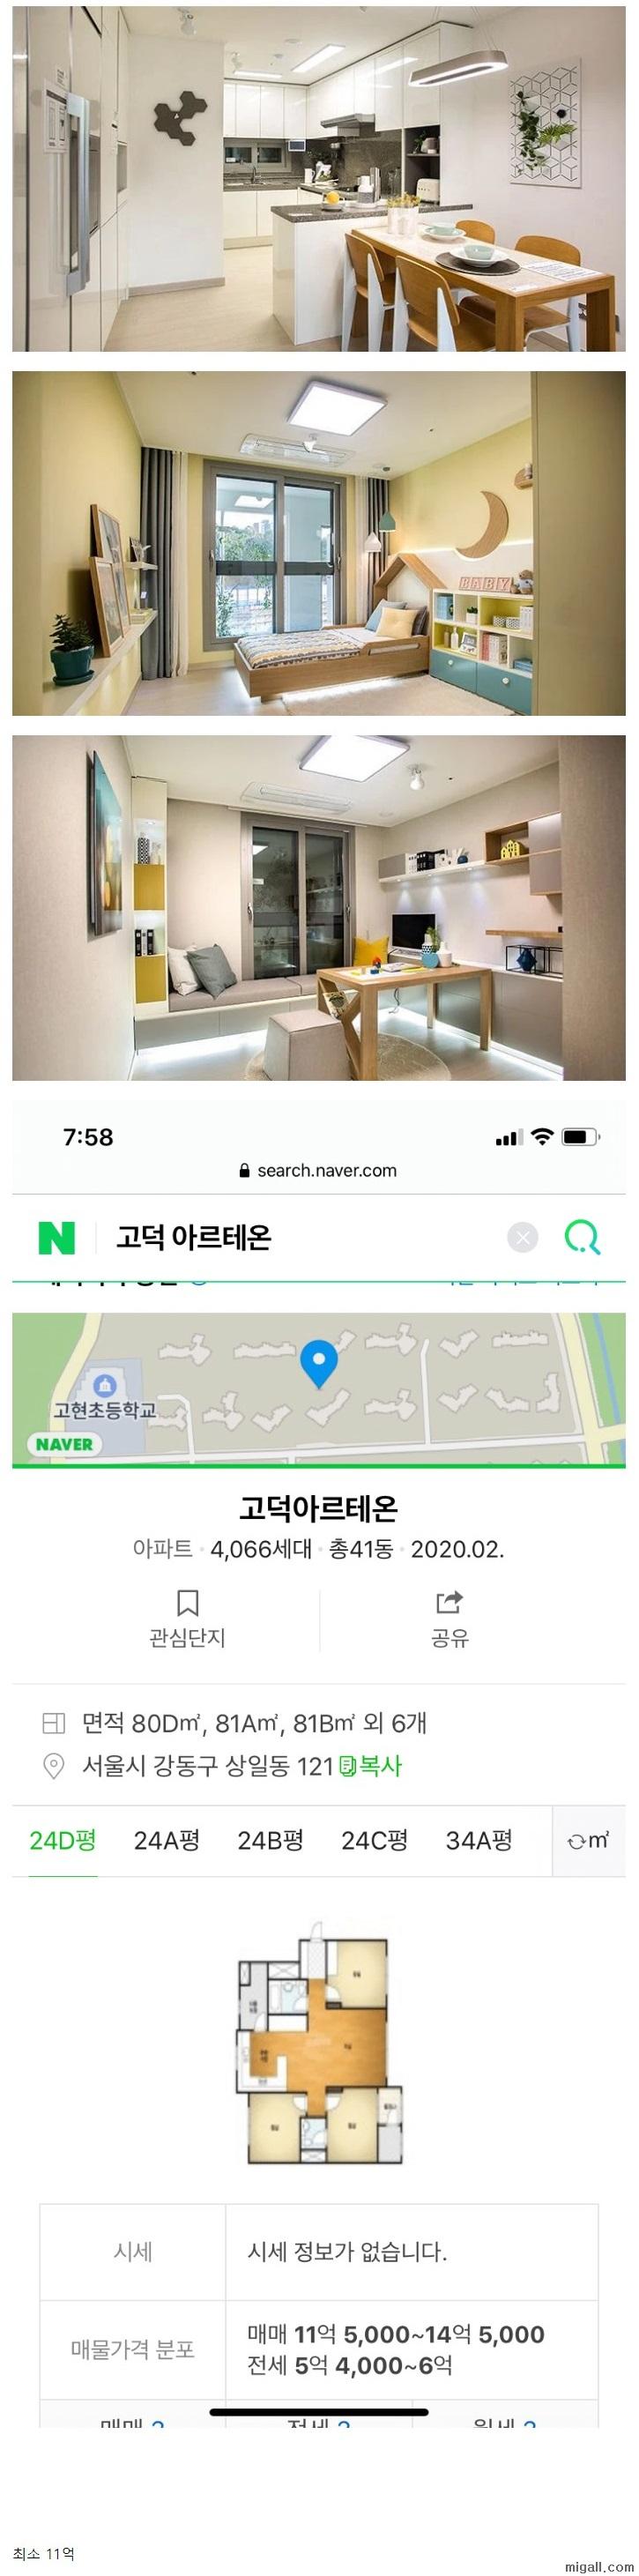 서울 대단지 신축 24평 내부